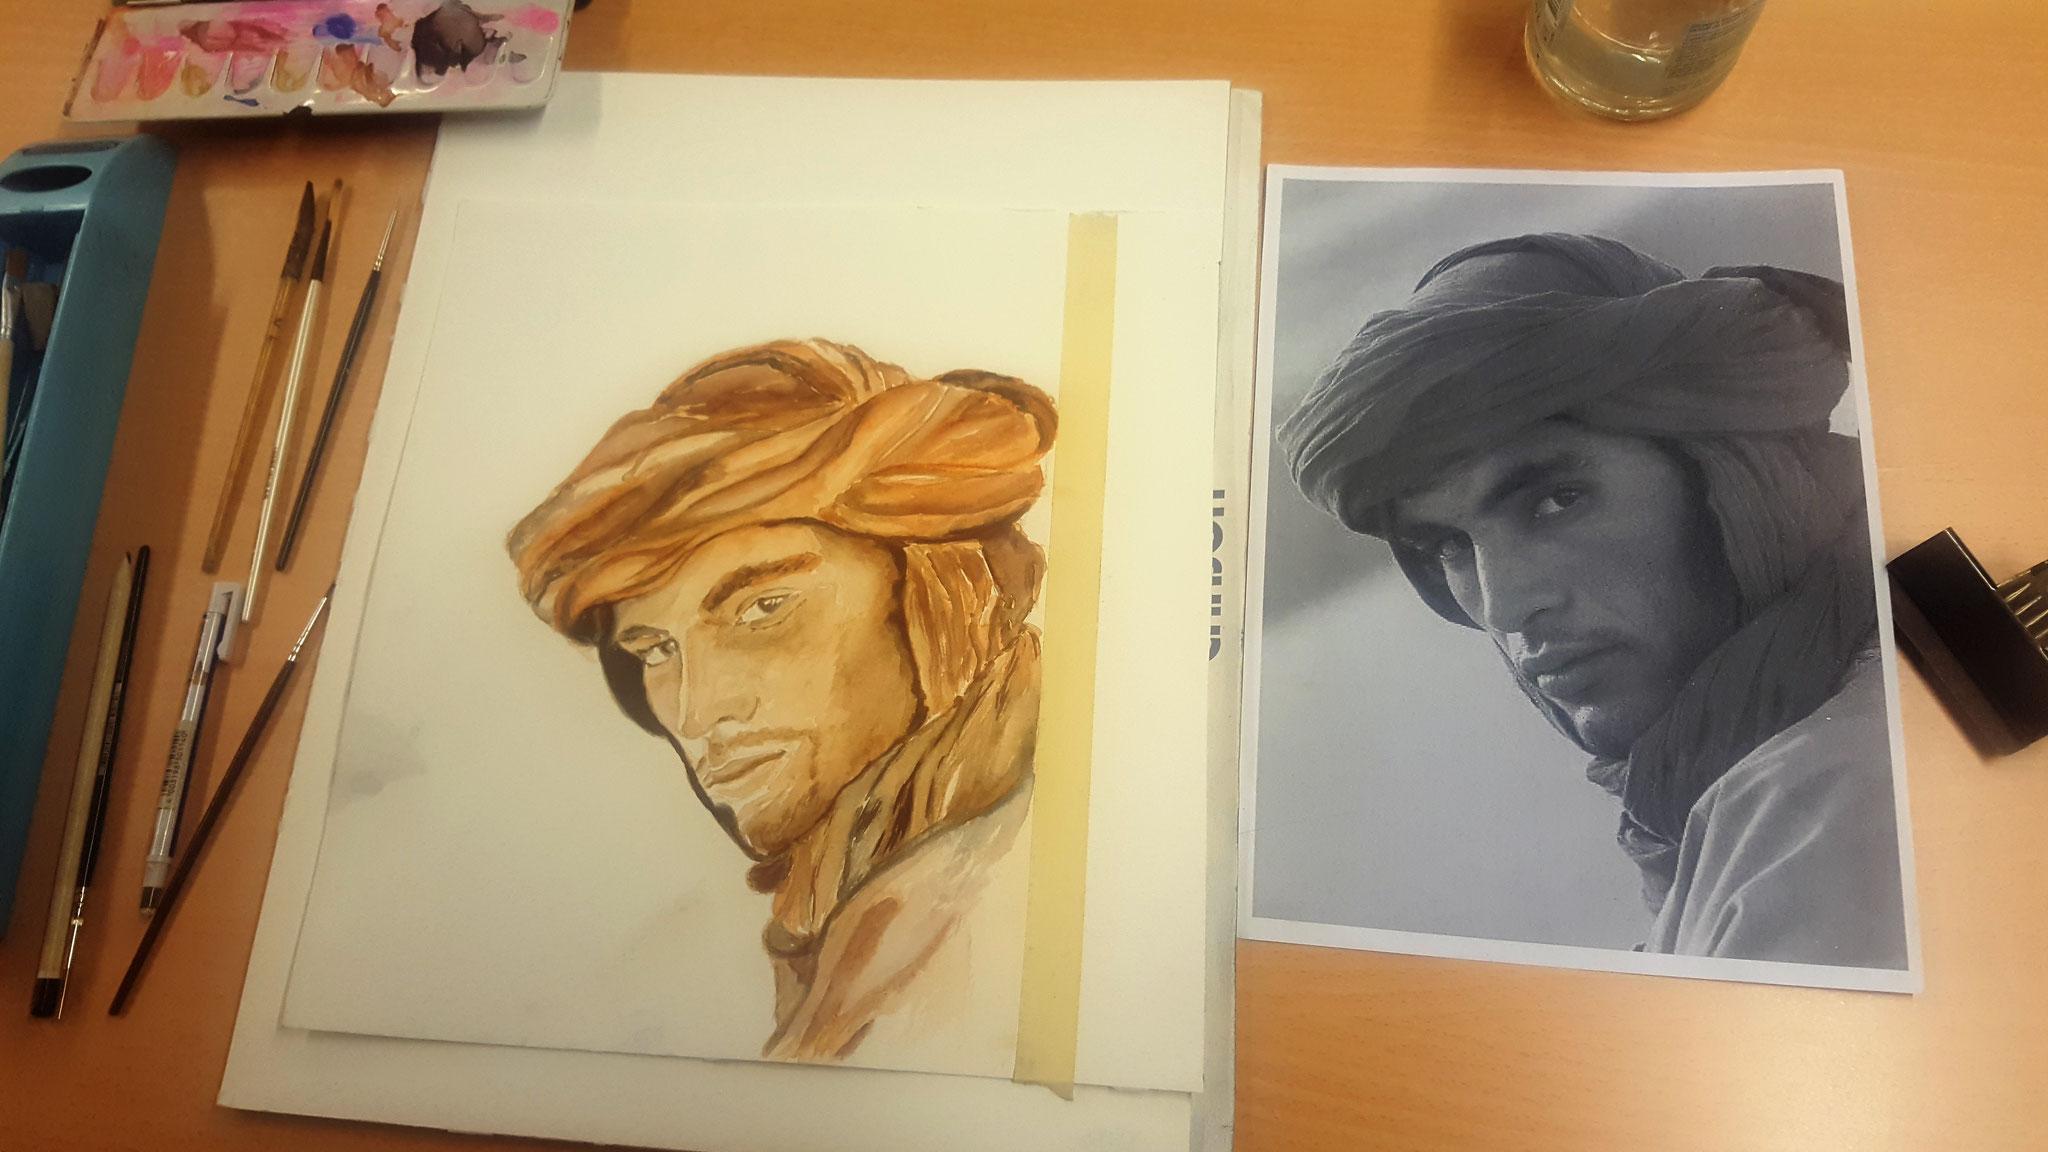 Les cours de portrait reprennent ! Rendez-vous dès ce mercredi 06/09 au sein de Maison de la Laïcité d'Angleur, Chênée et Grivegnée entre 14h et 16h .